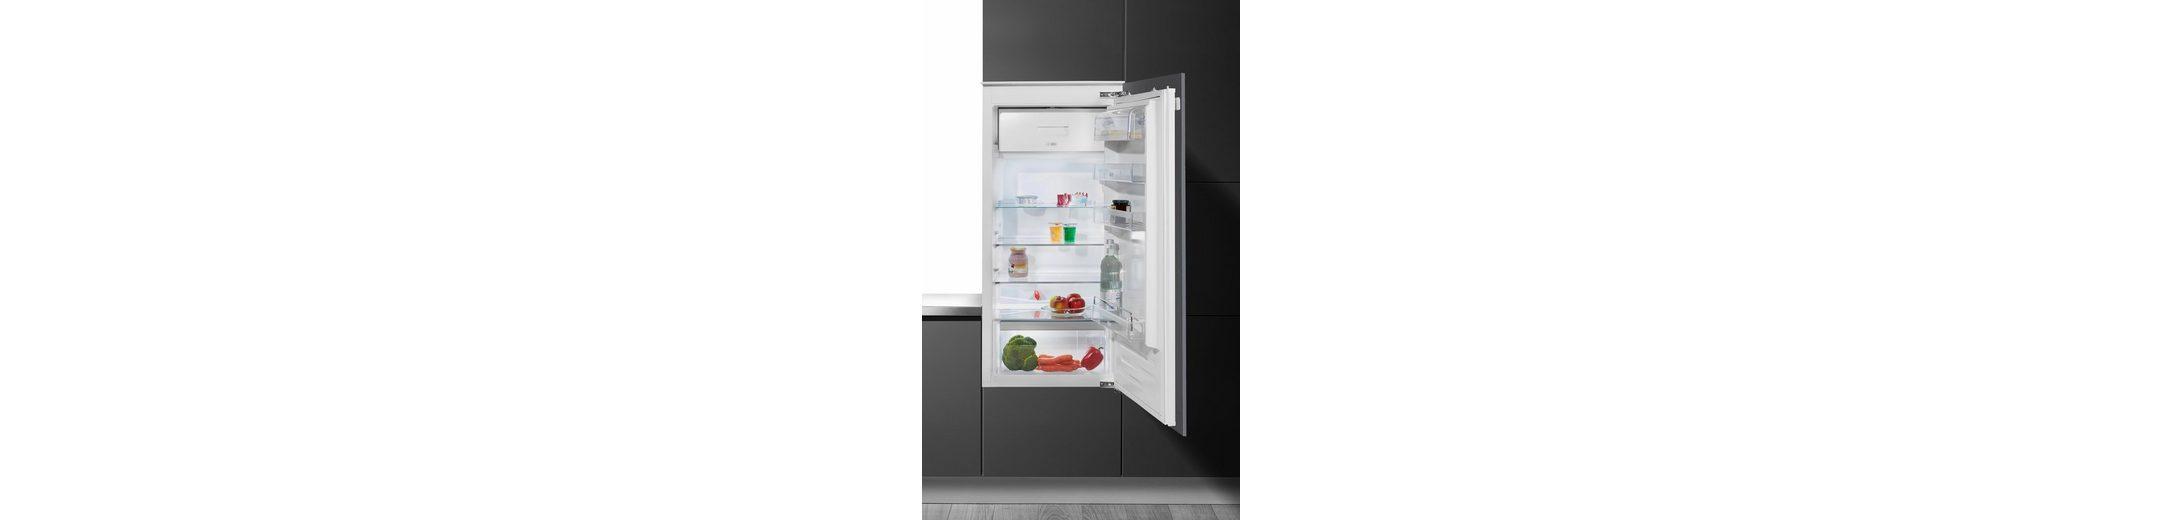 Bauknecht integrierbarer Einbau-Kühlschrank KVIE 2125 A++, 122 cm